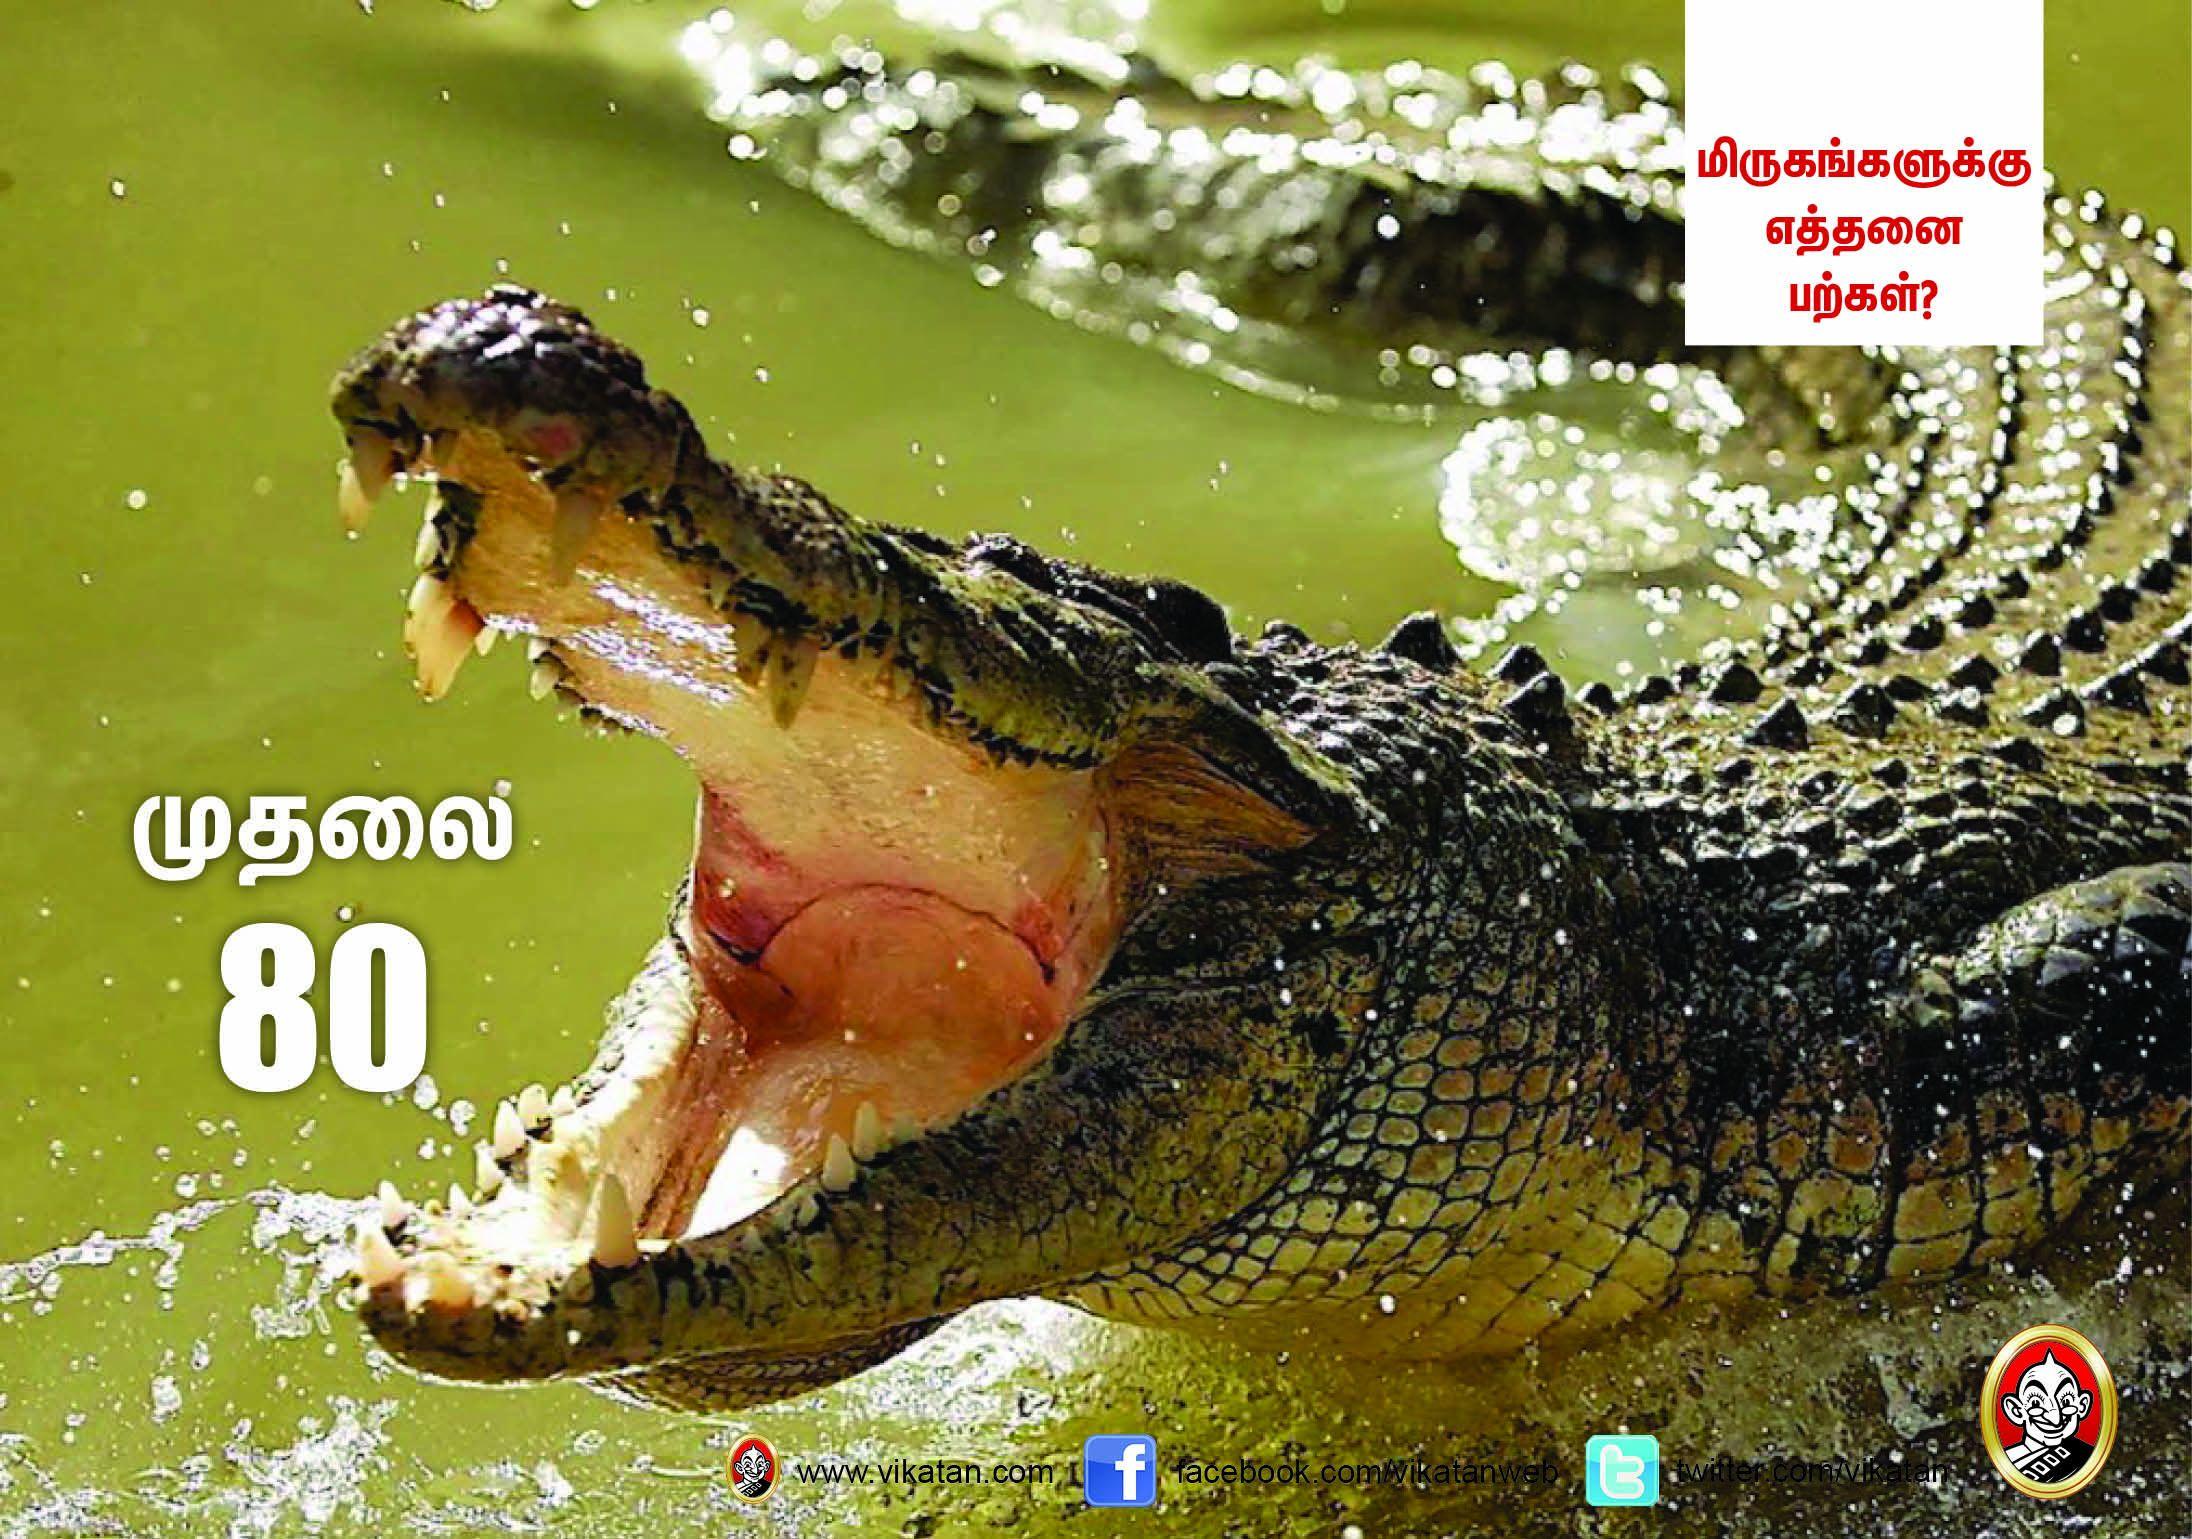 சிங்கம் 30... நாய் 42... மிருகங்களுக்கு எத்தனை பற்கள்? #VikatanPhotoCards